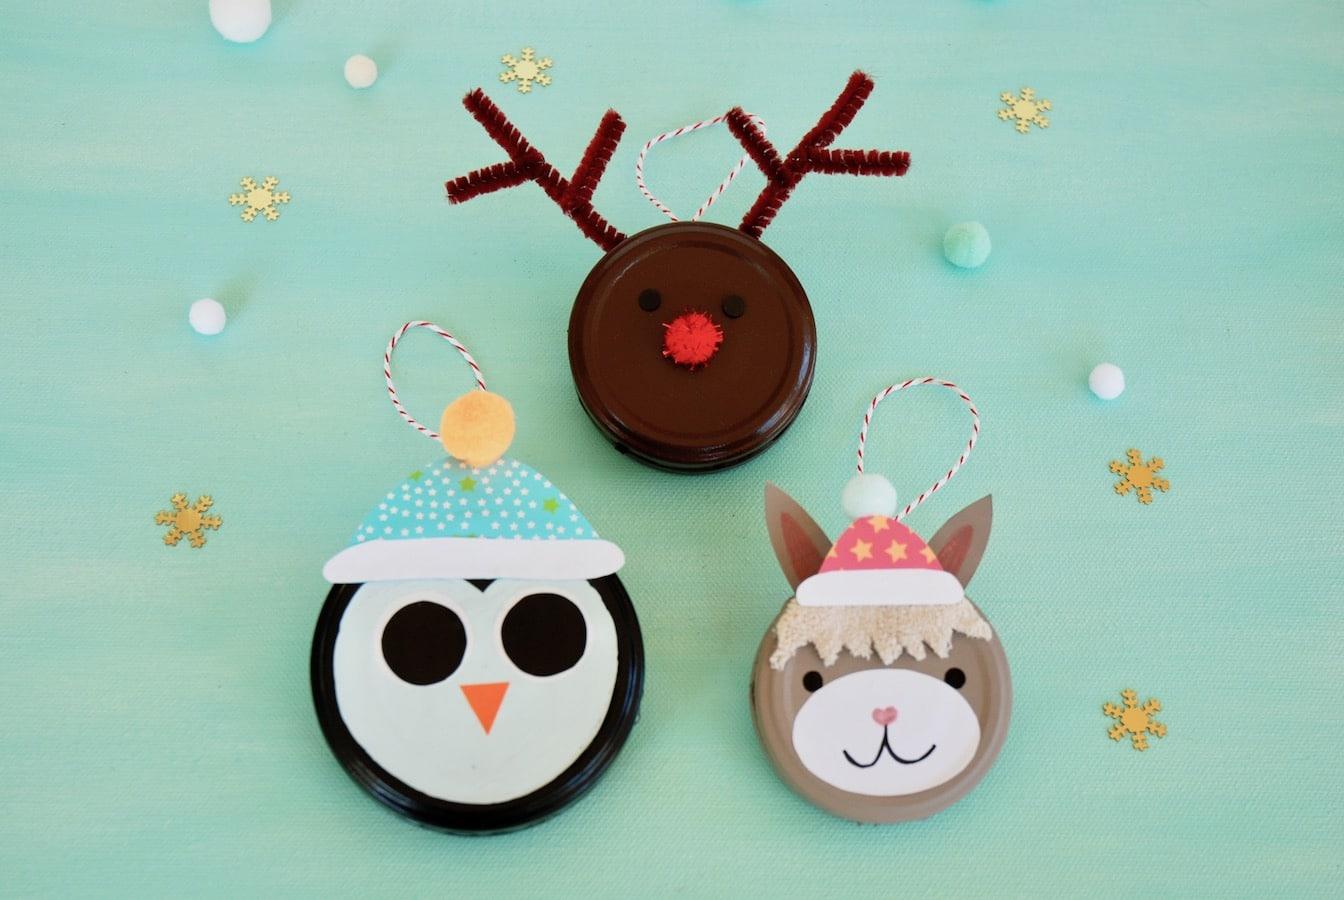 Weihnachten Basteln Mit Kindern: Tierische ganzes Weihnachtsdeko Basteln Kinder